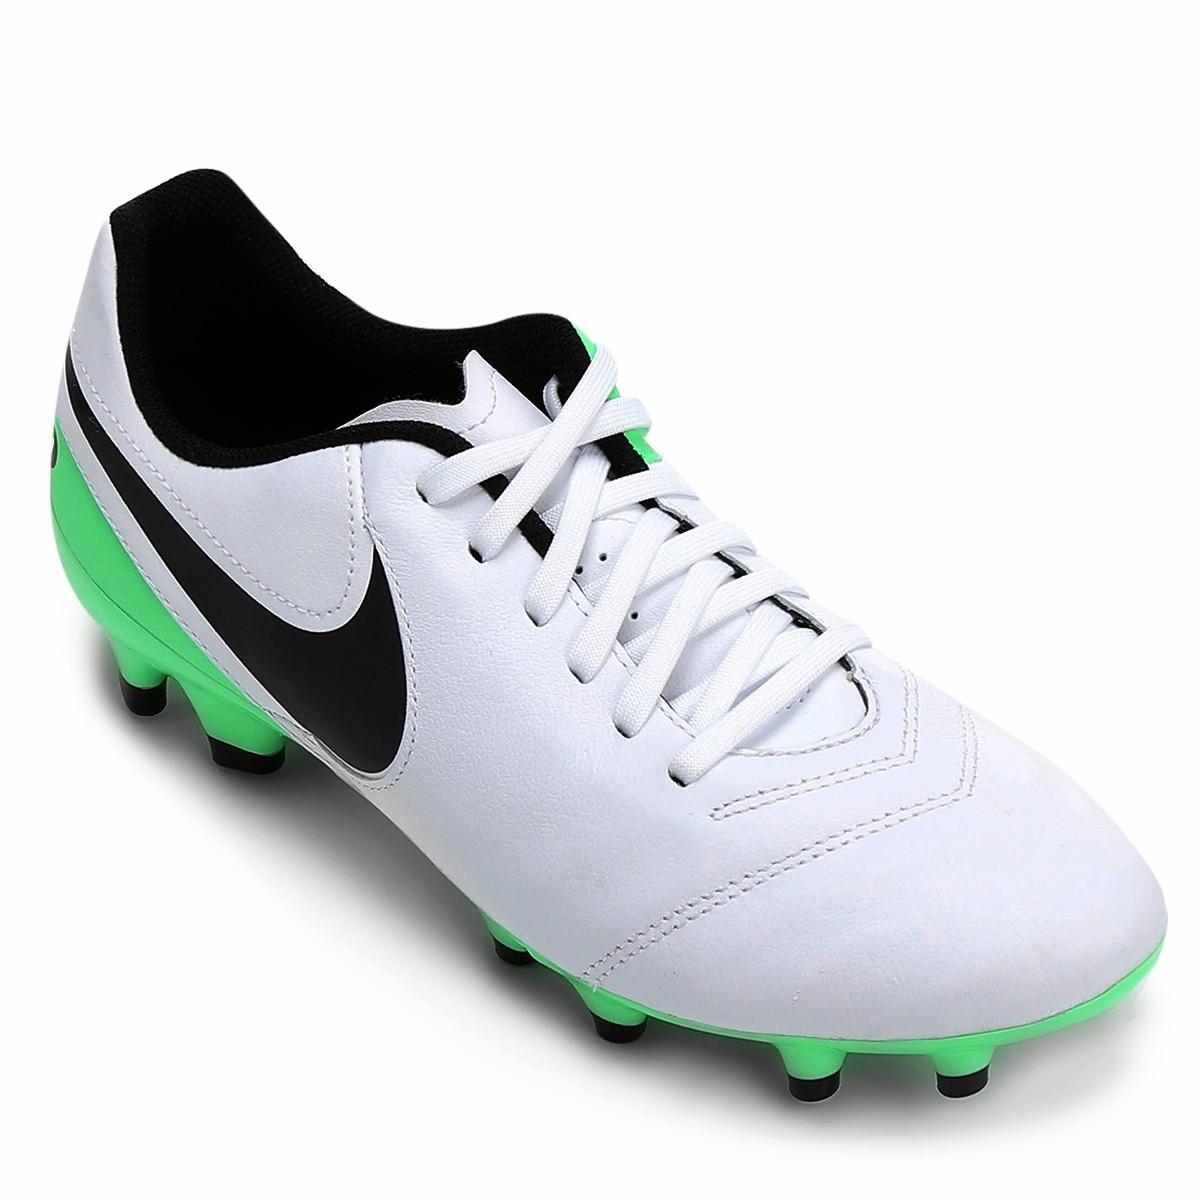 e058a45999 Chuteira Nike Tiempo Genio II Leather FG 819213-103 Branco Verde